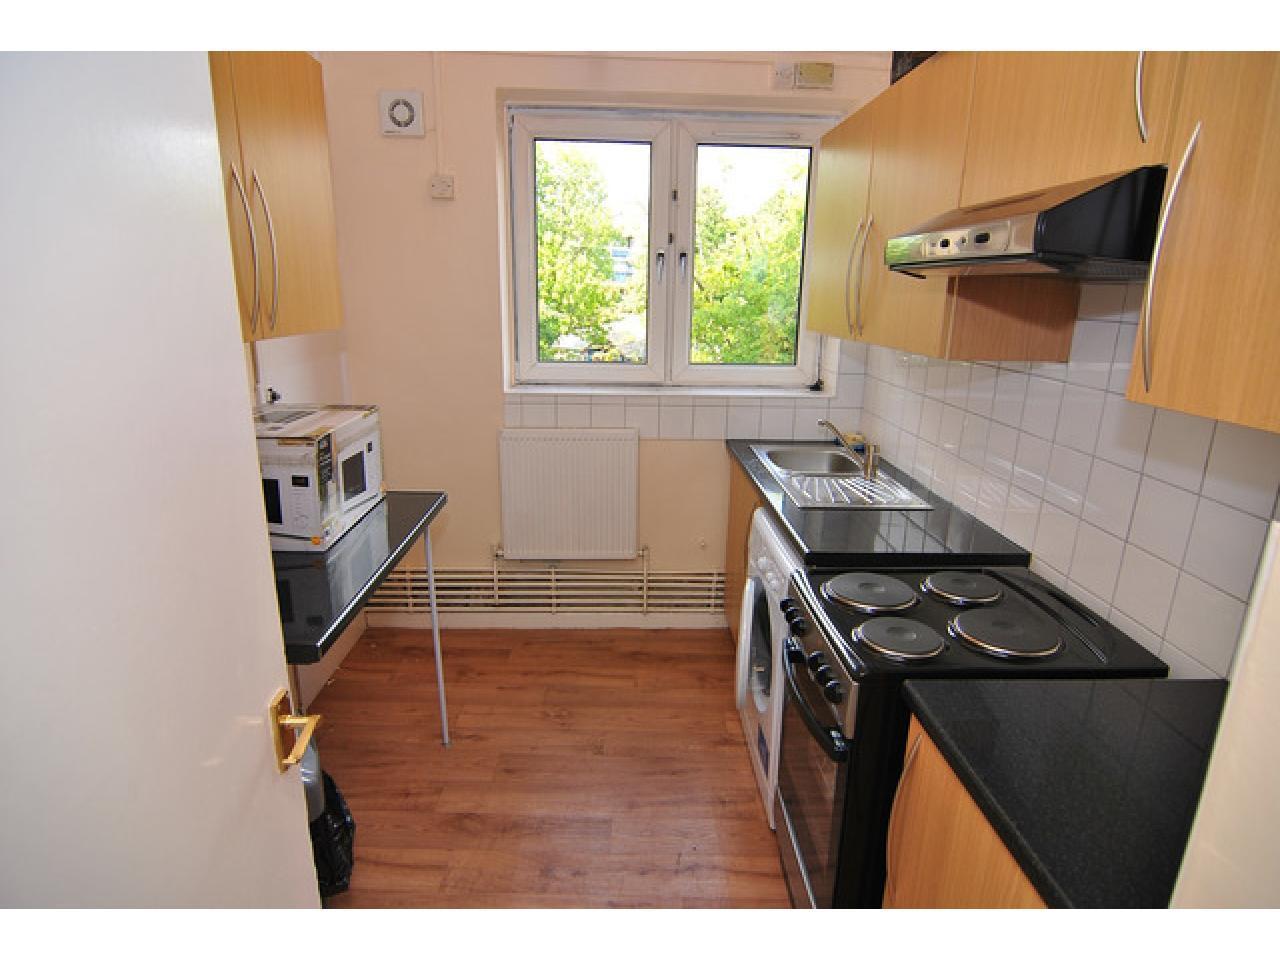 Single Room in Greenwich - 8